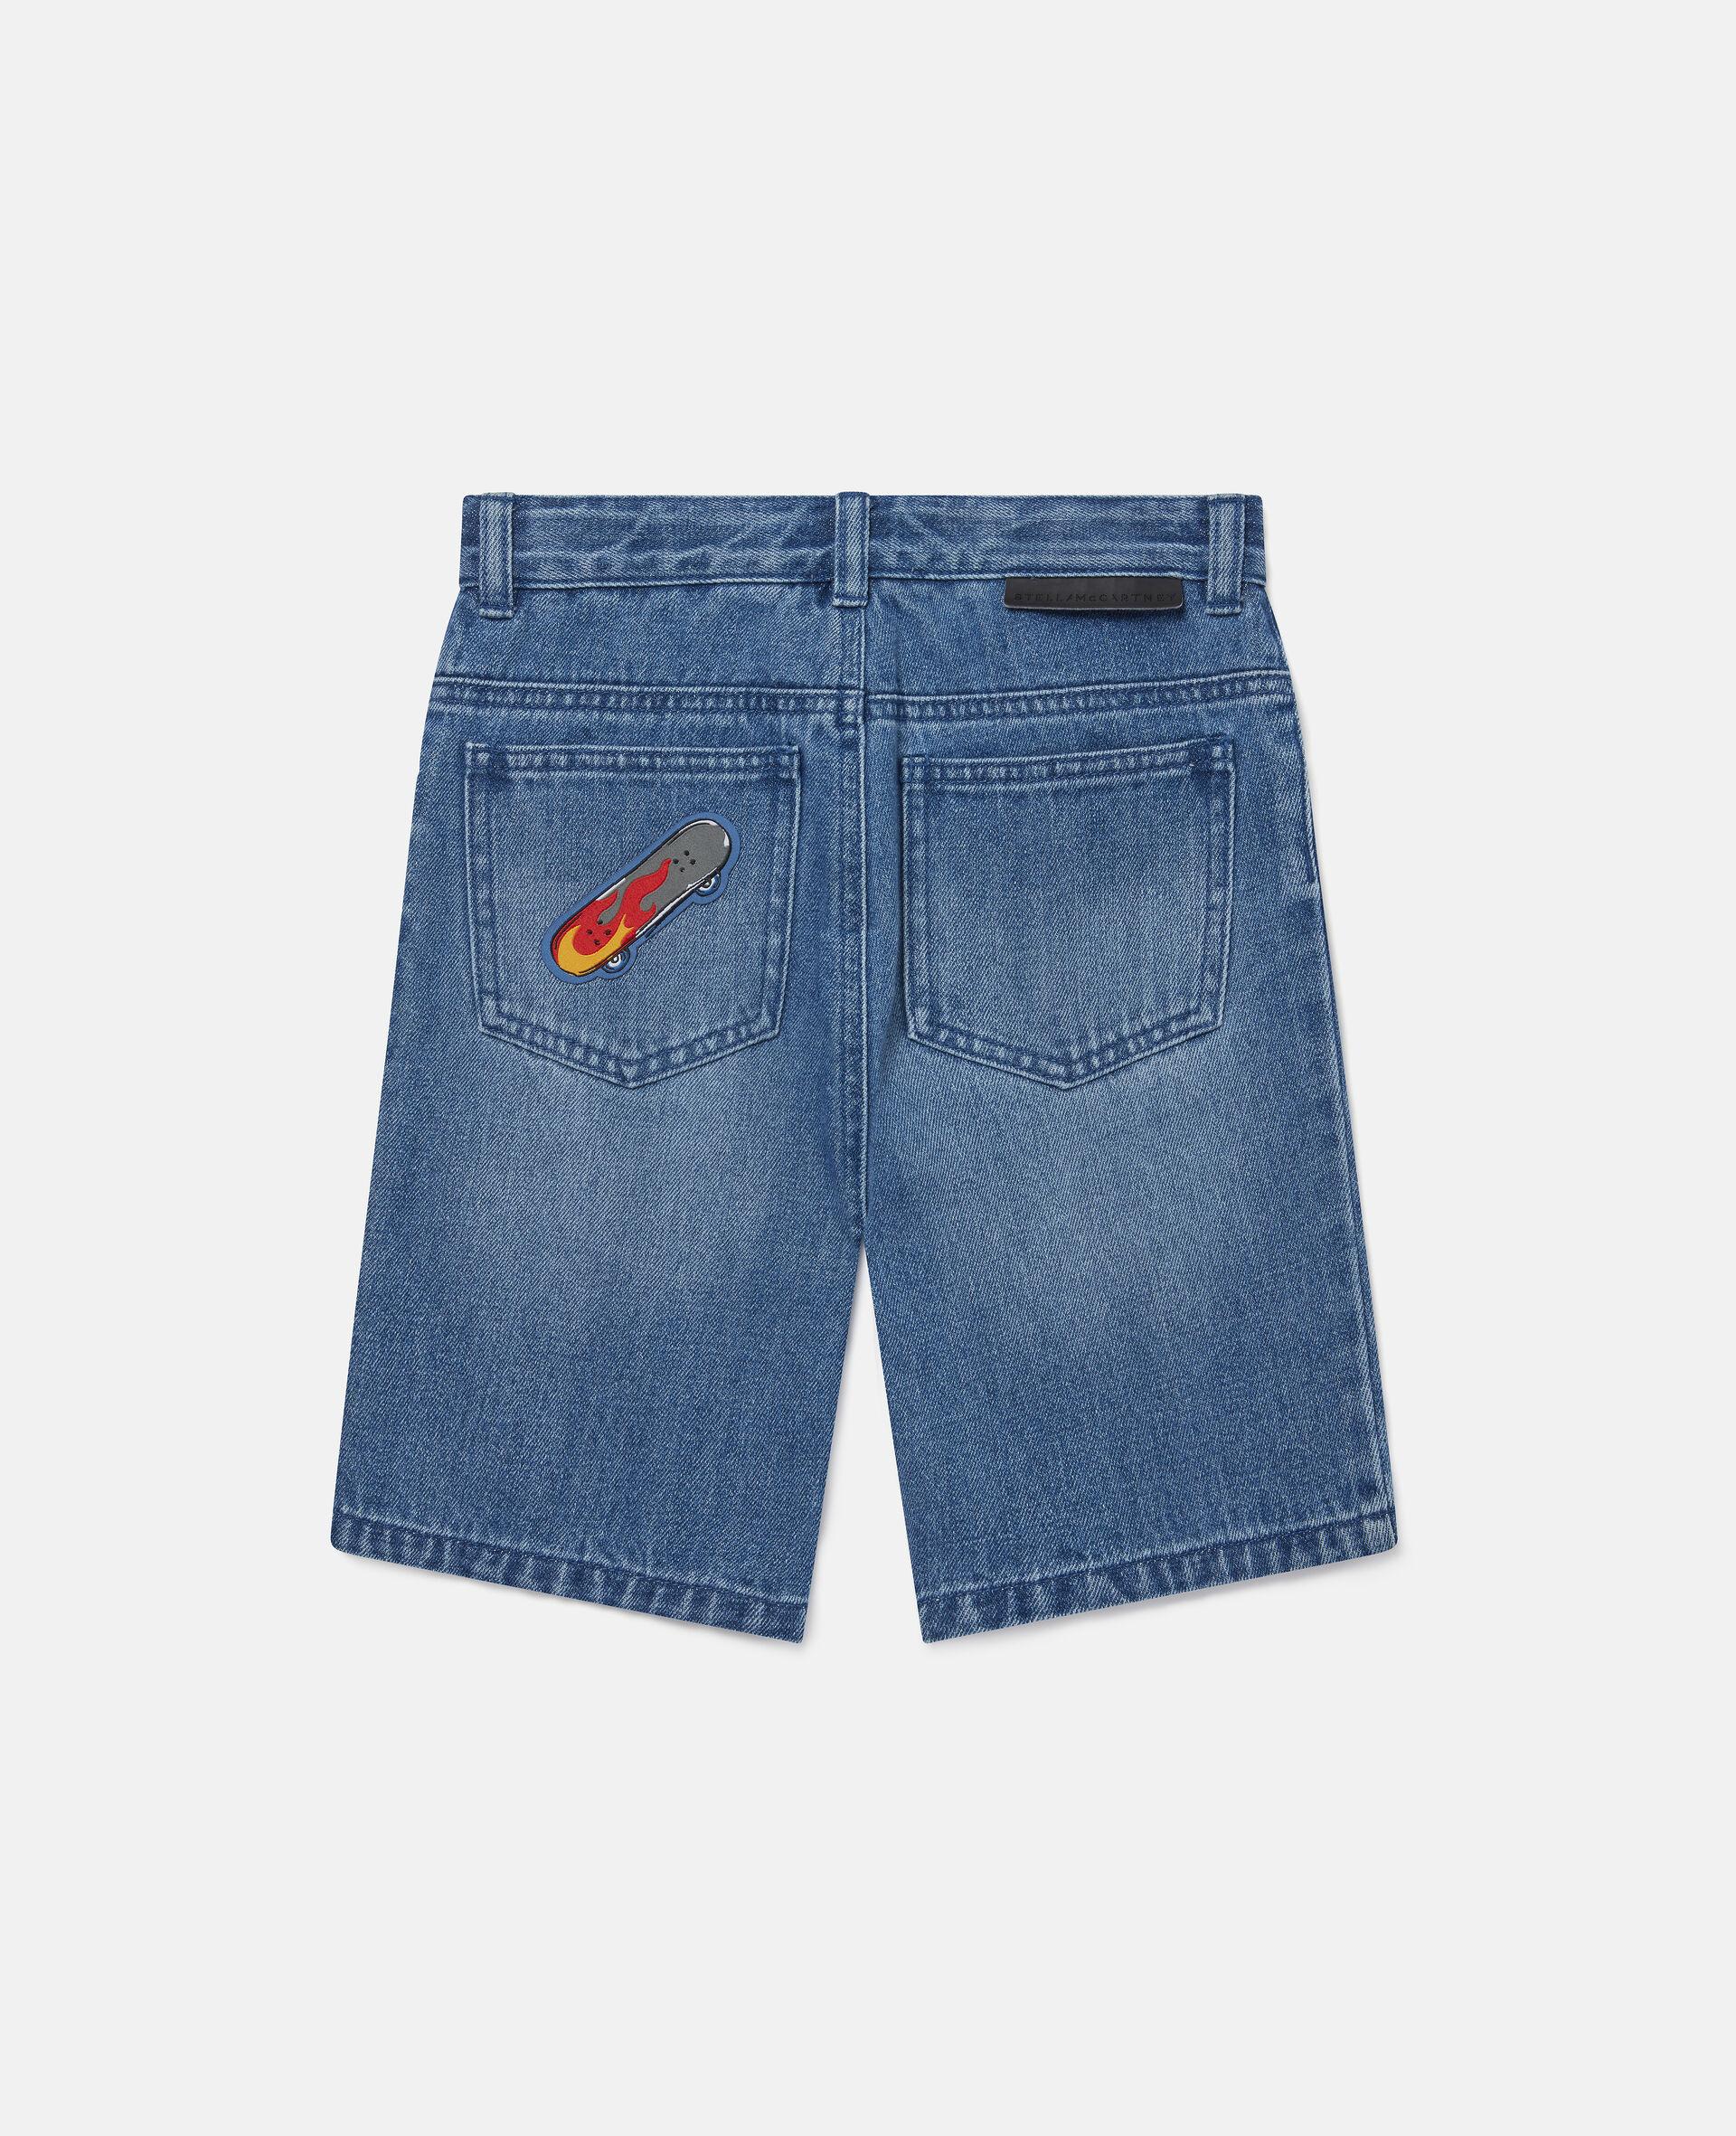 Skates Badges Denim Shorts-Blue-large image number 3